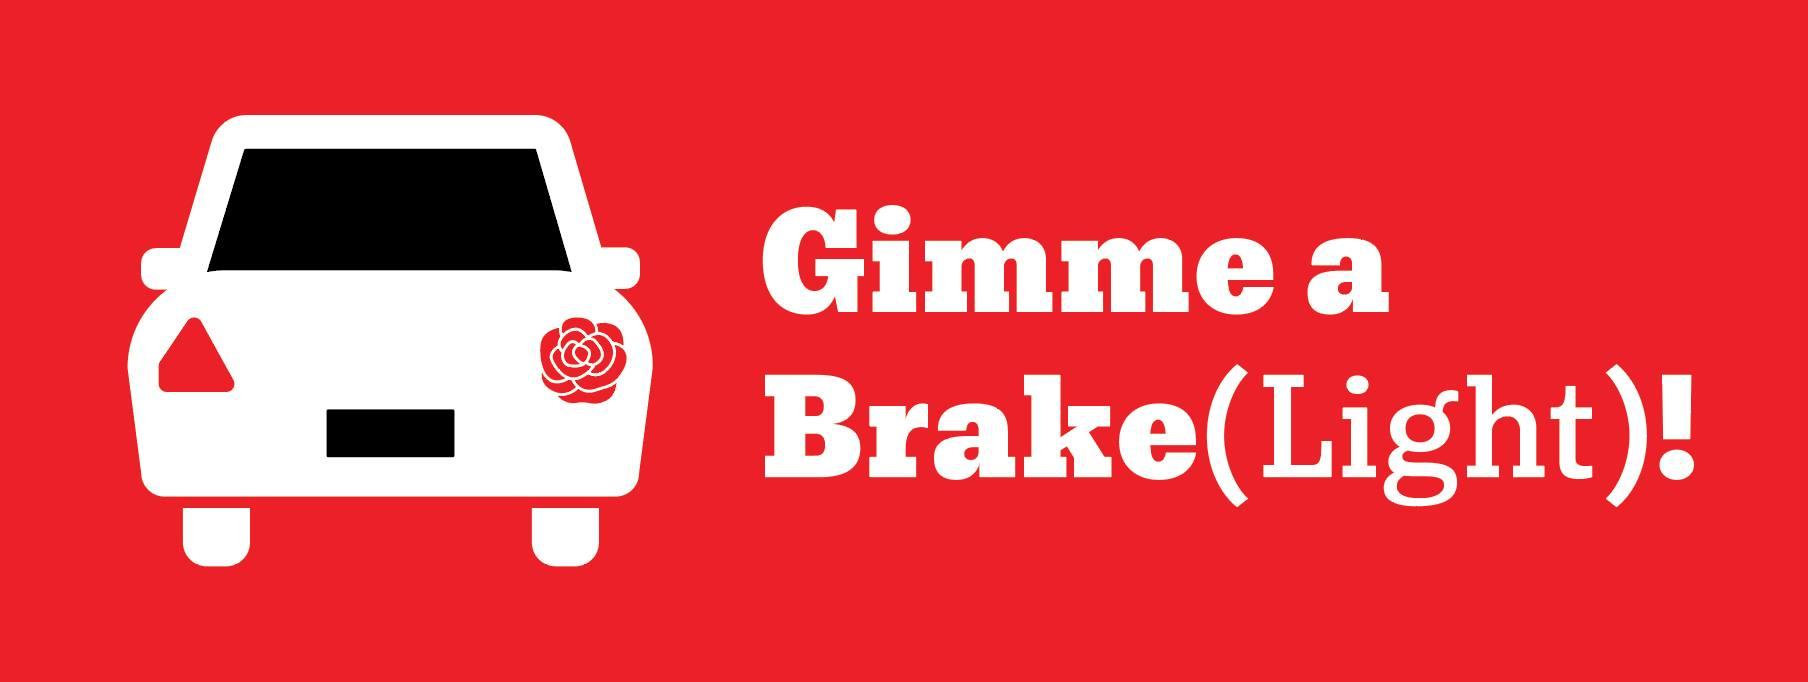 Kingston Free Brake Light Replacement